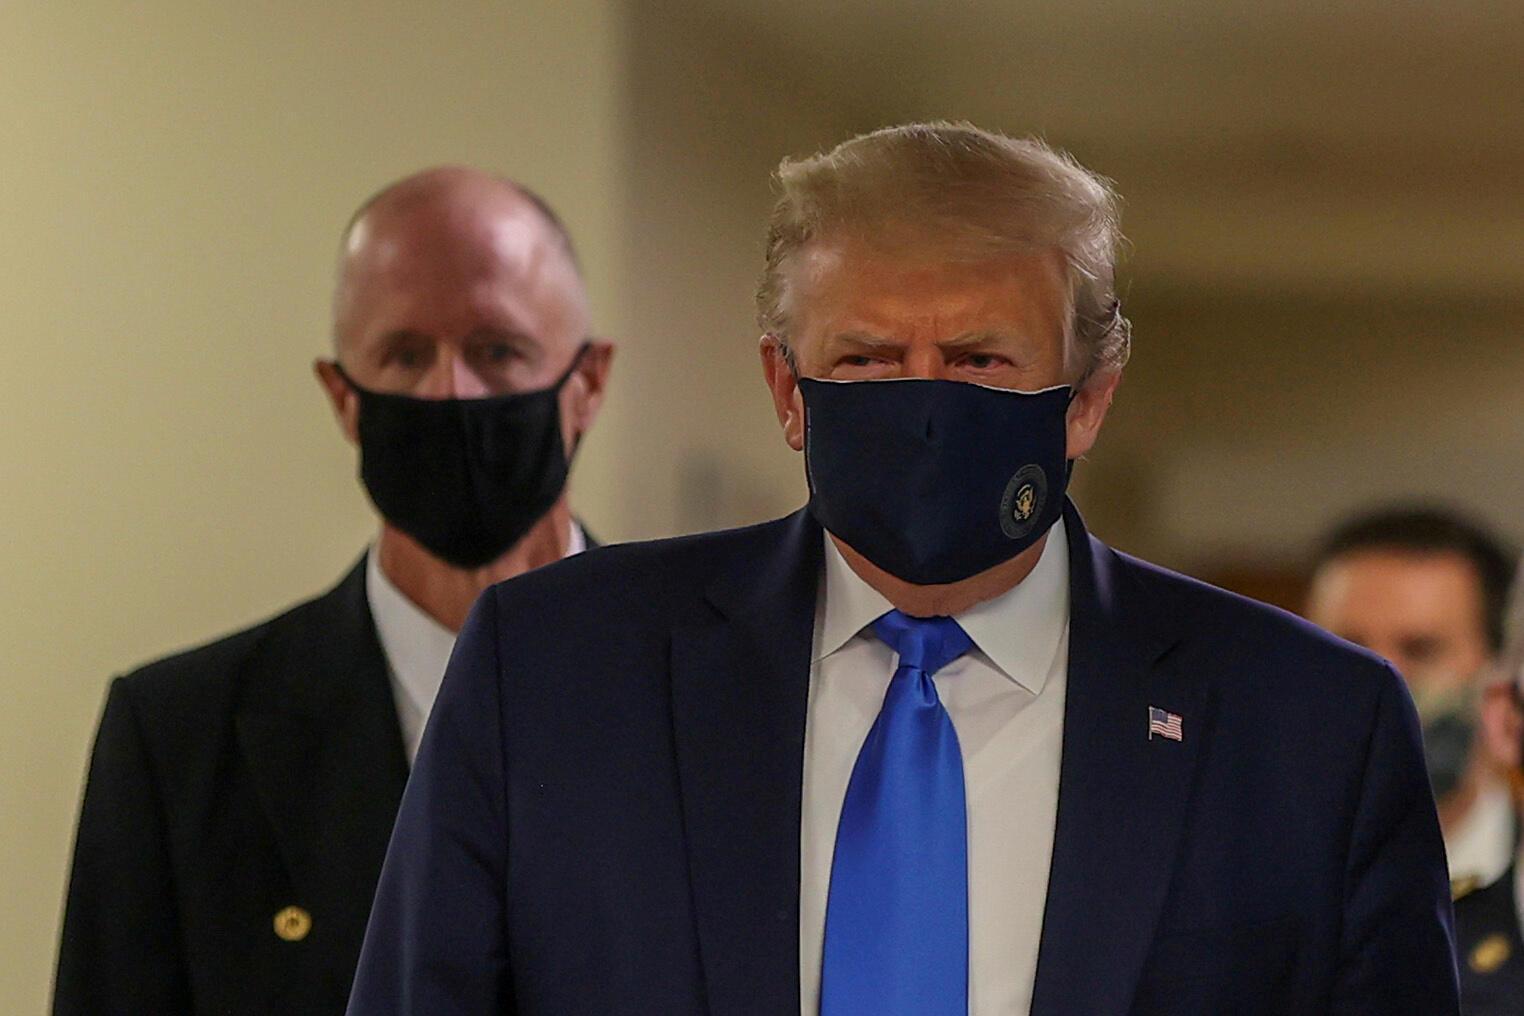 Lors d'une visite dans un hôpital militaire près de Washington, le président Trump a été vu pour la première fois masqué, le 11 juillet 2020.